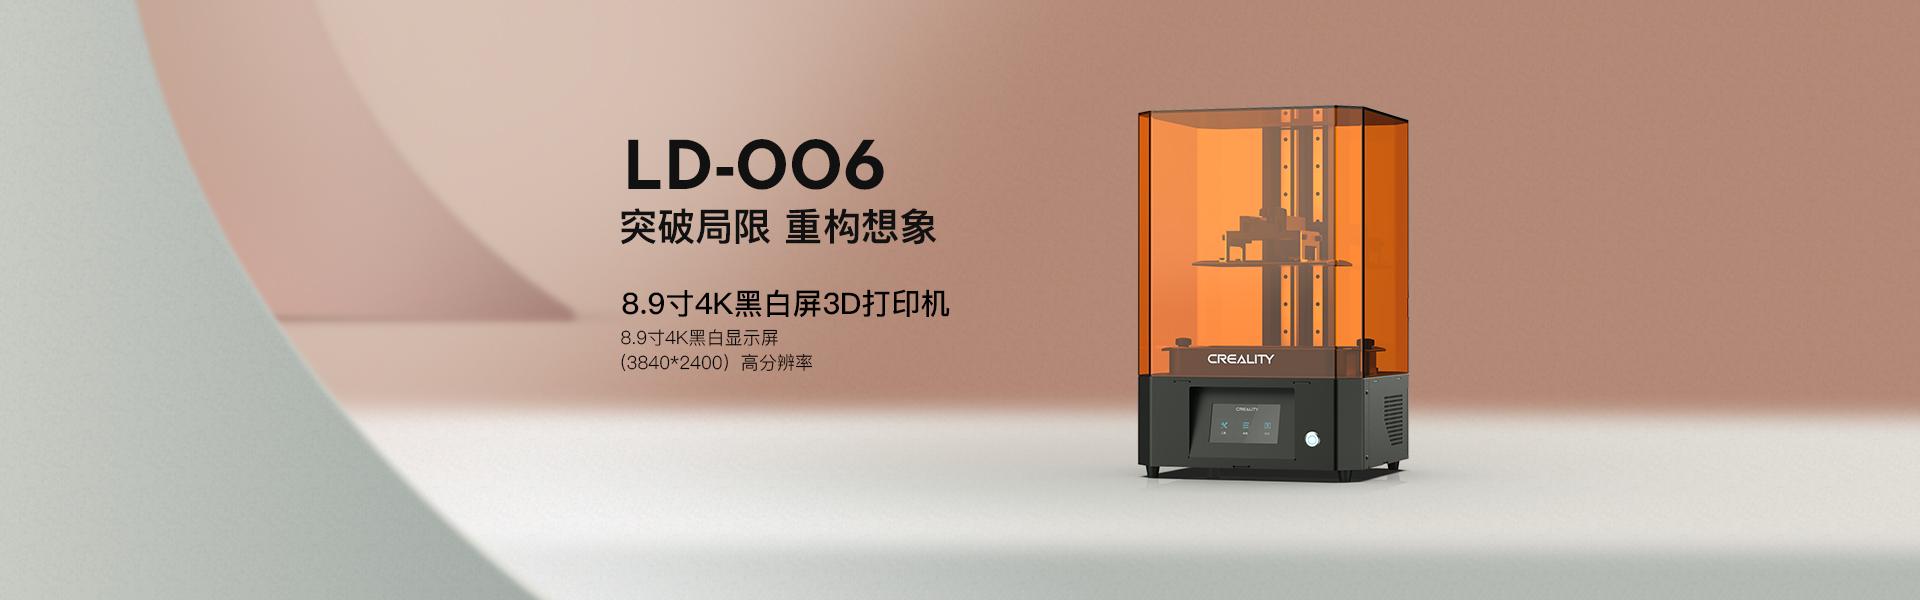 突破局限 | LD-006 光固化3D打印机